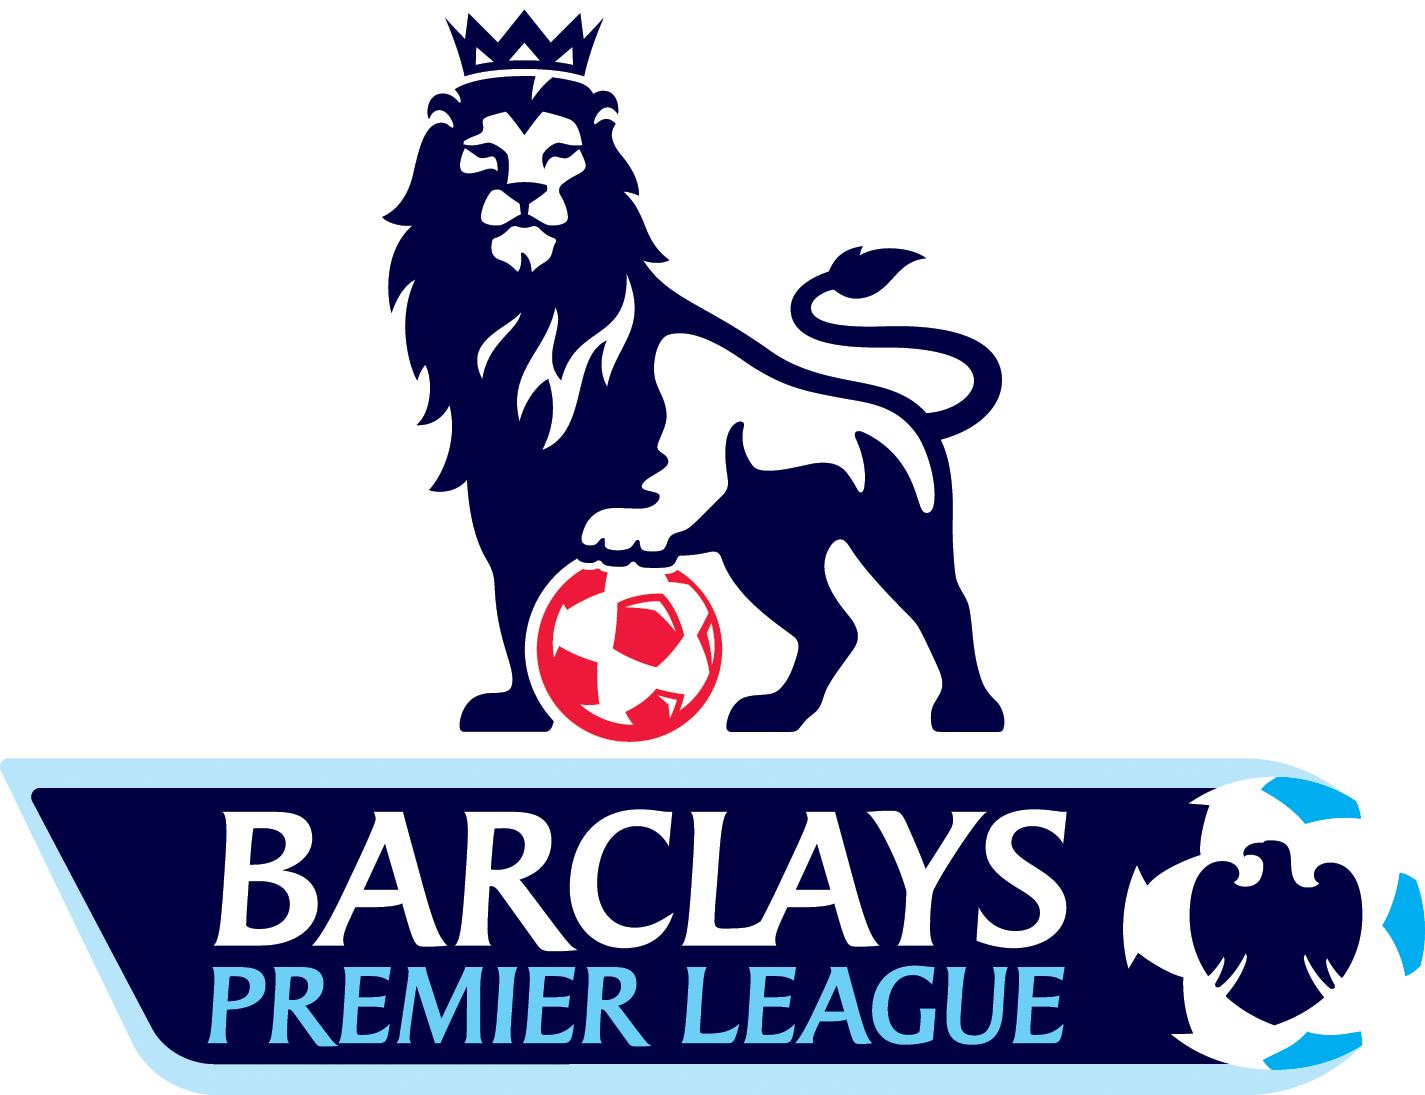 el más nuevo disfrute del envío de cortesía comprar HILO ÚNICO] Barclays Premier League, noticias, partidos y ...